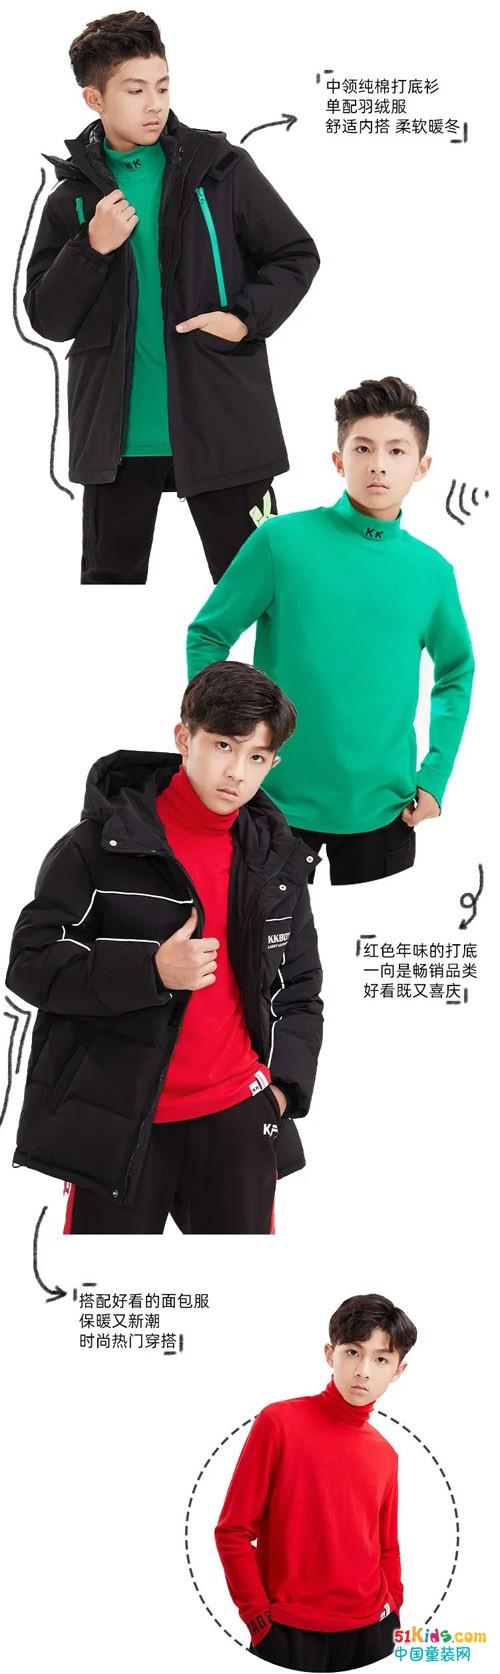 KK少年丨易搭好穿,羽绒外套的冬日穿搭之旅